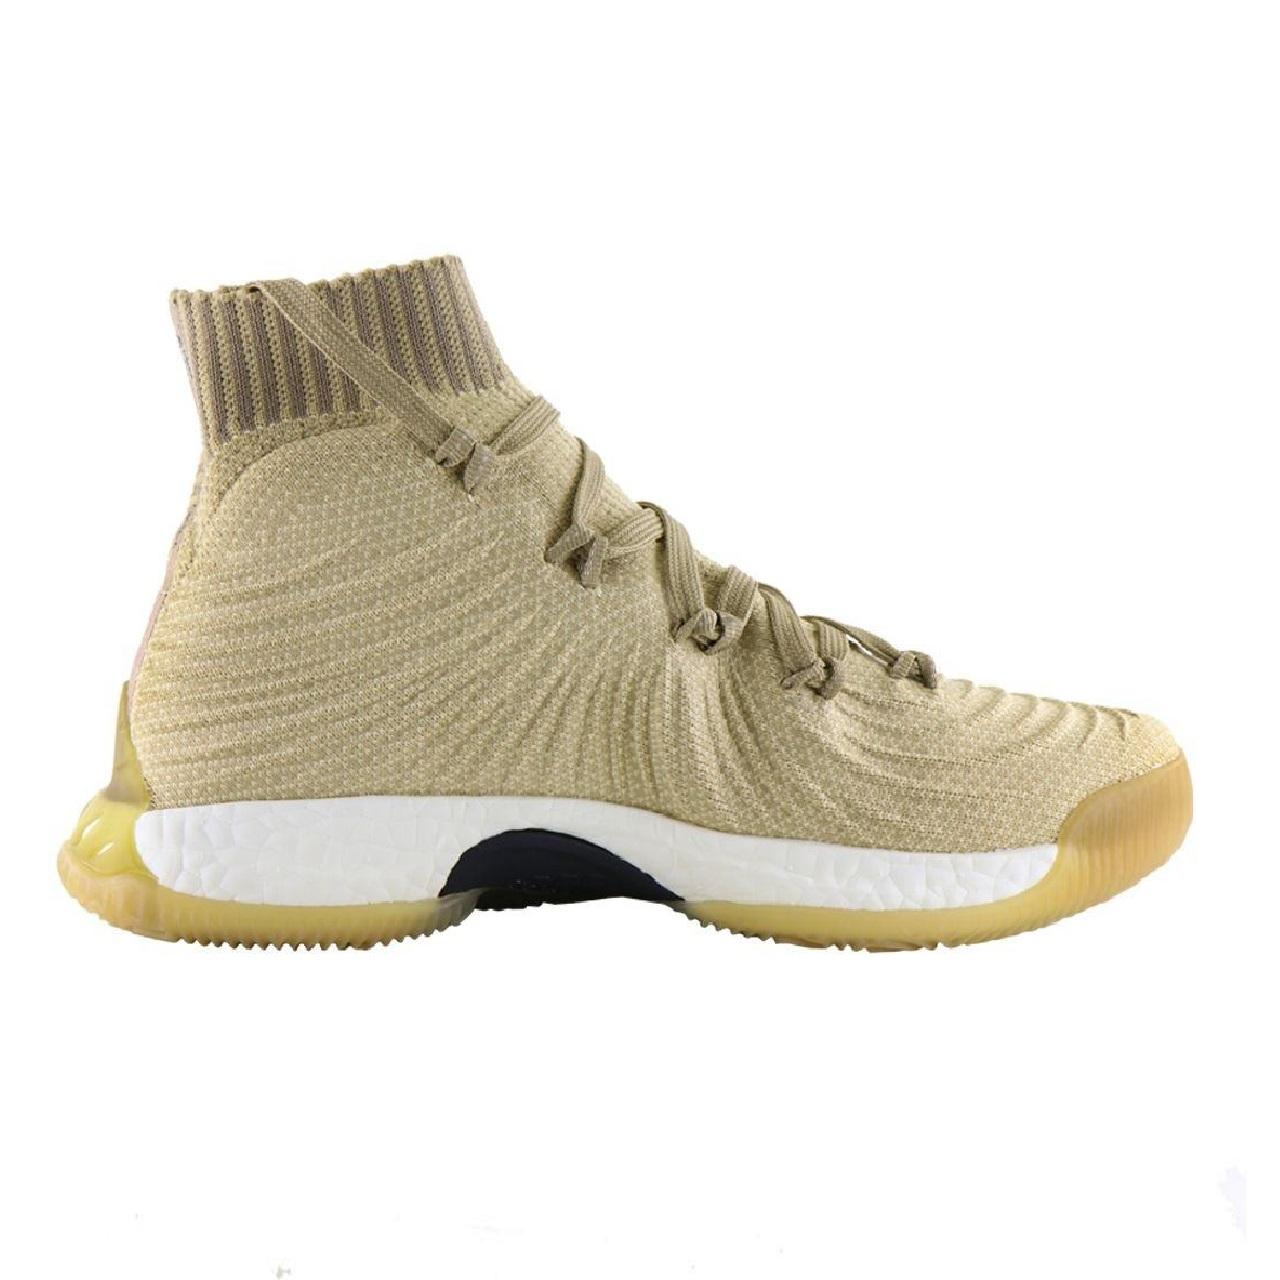 قیمت خرید کفش بسکتبال مردانه مدل BY4471 اورجینال